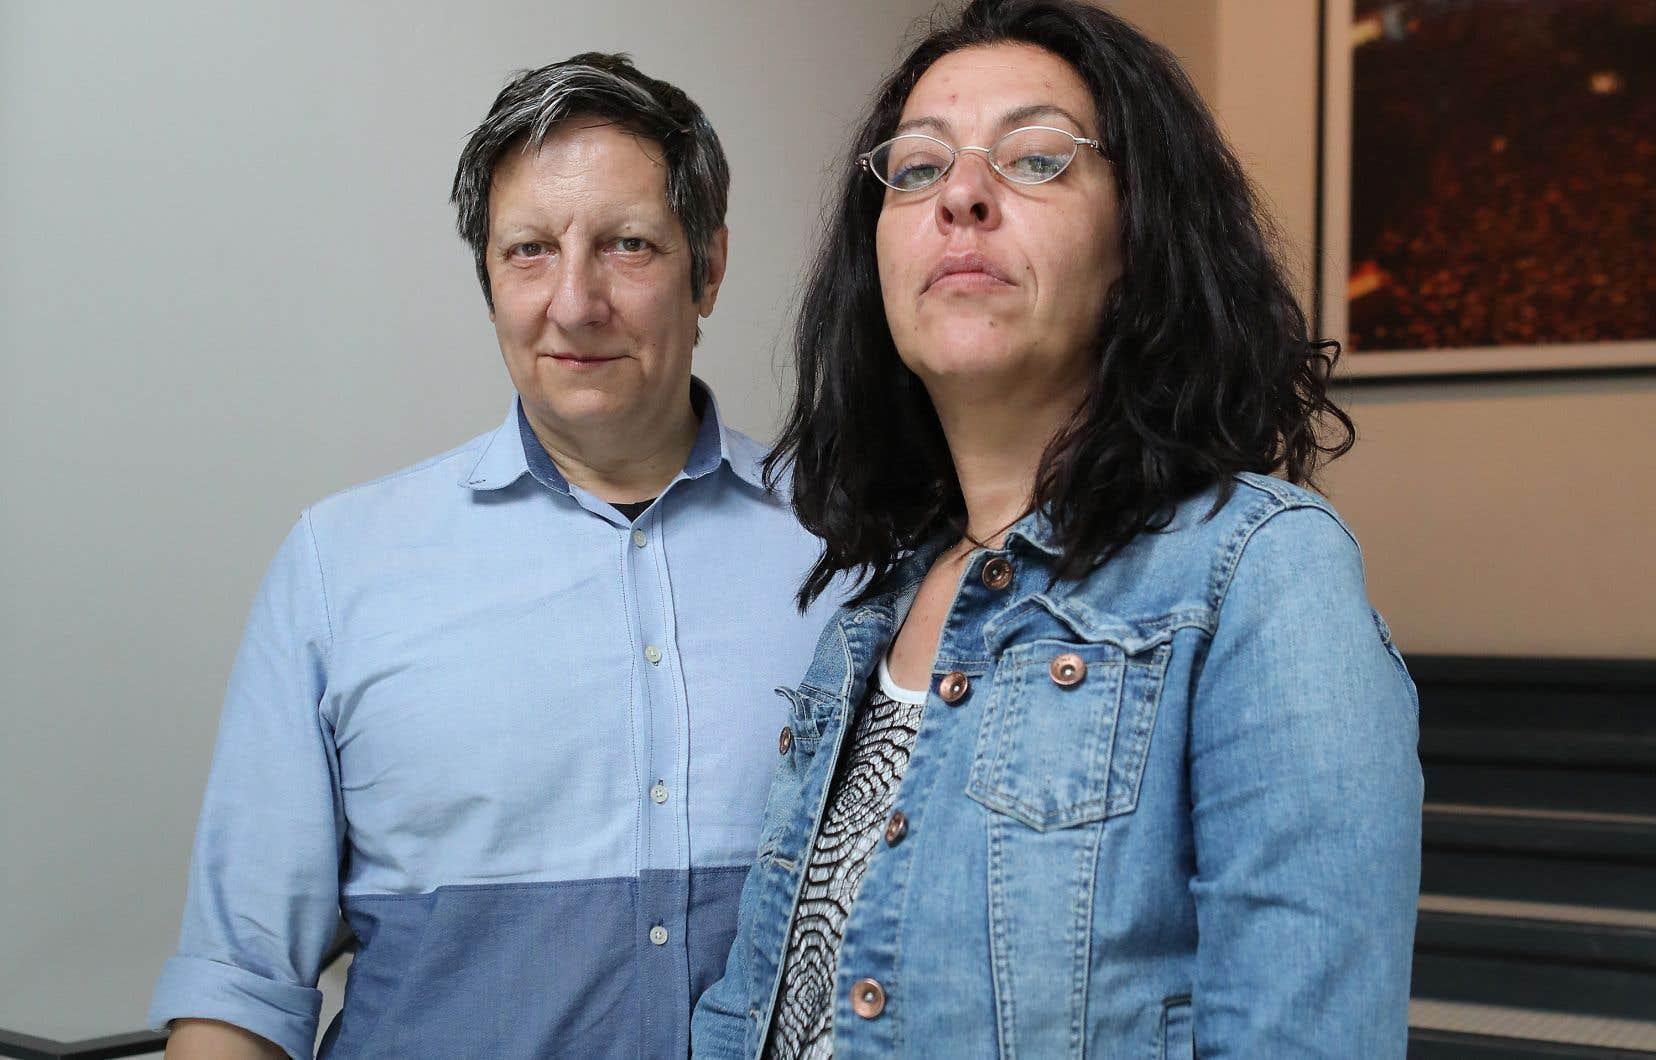 Selon l'auteur, Robert Lepage est un maître de l'appropriation artistique. Sur la photo, le metteur en scène est accompagné de l'artiste Betty Bonifassi.